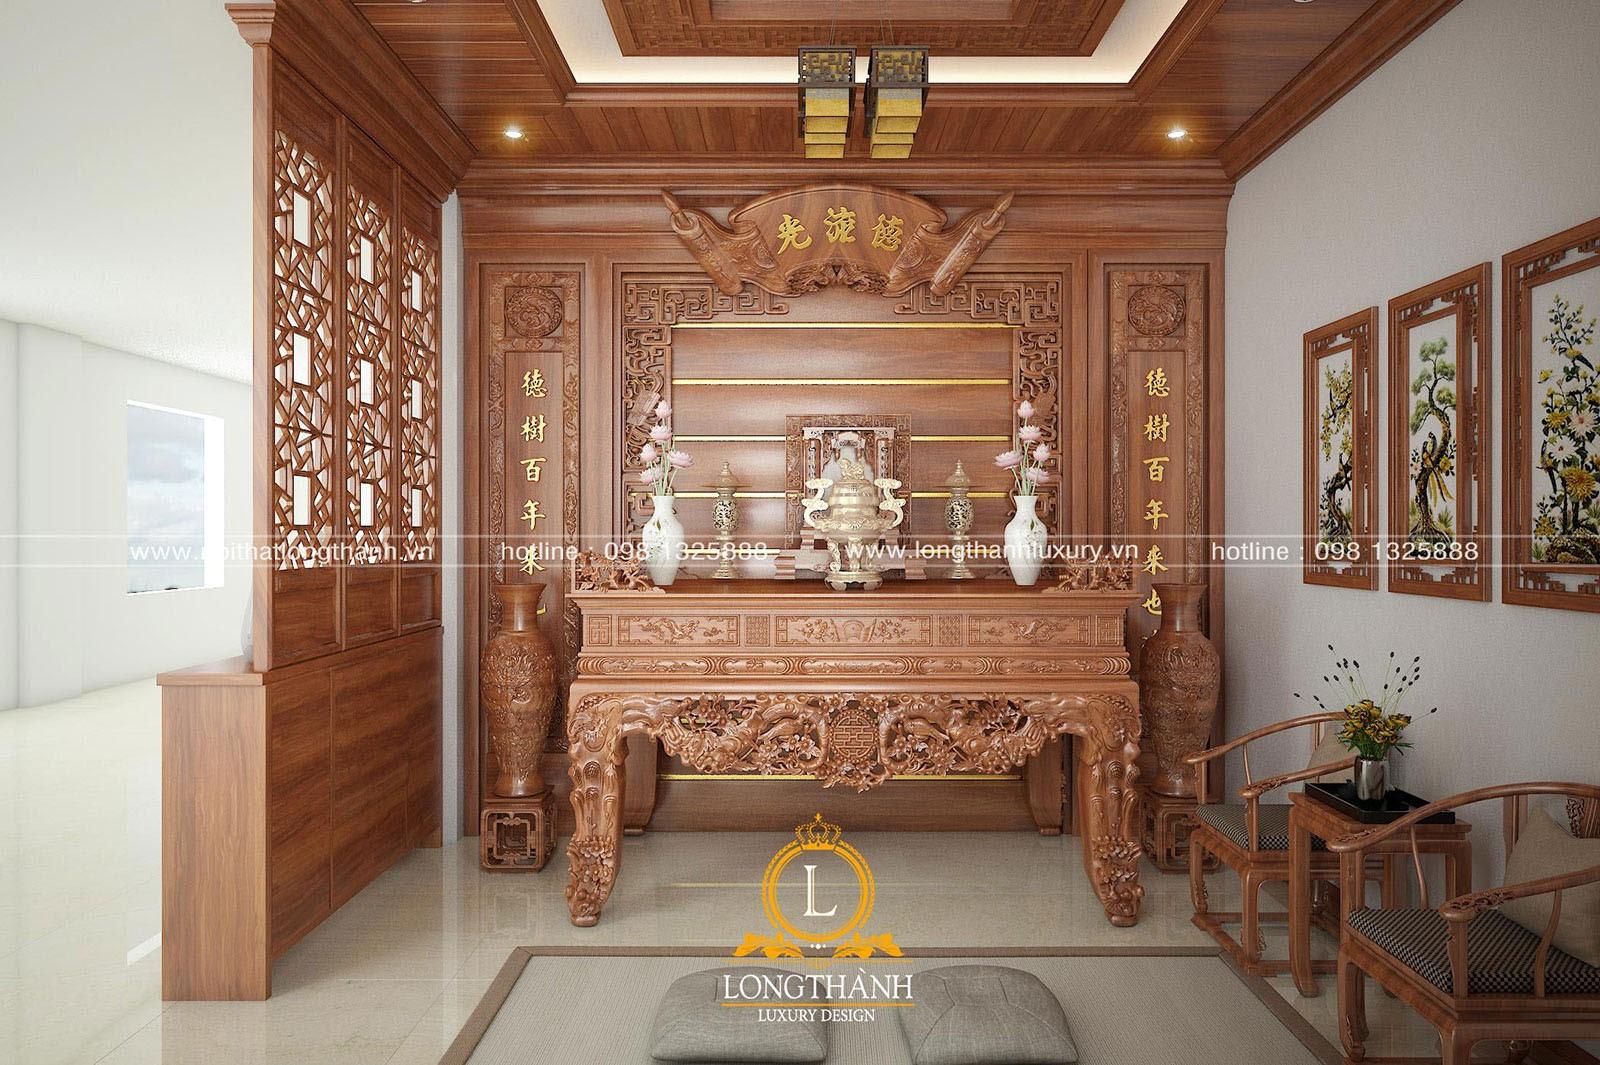 Trần phòng thờ bằng gỗ tự nhiên